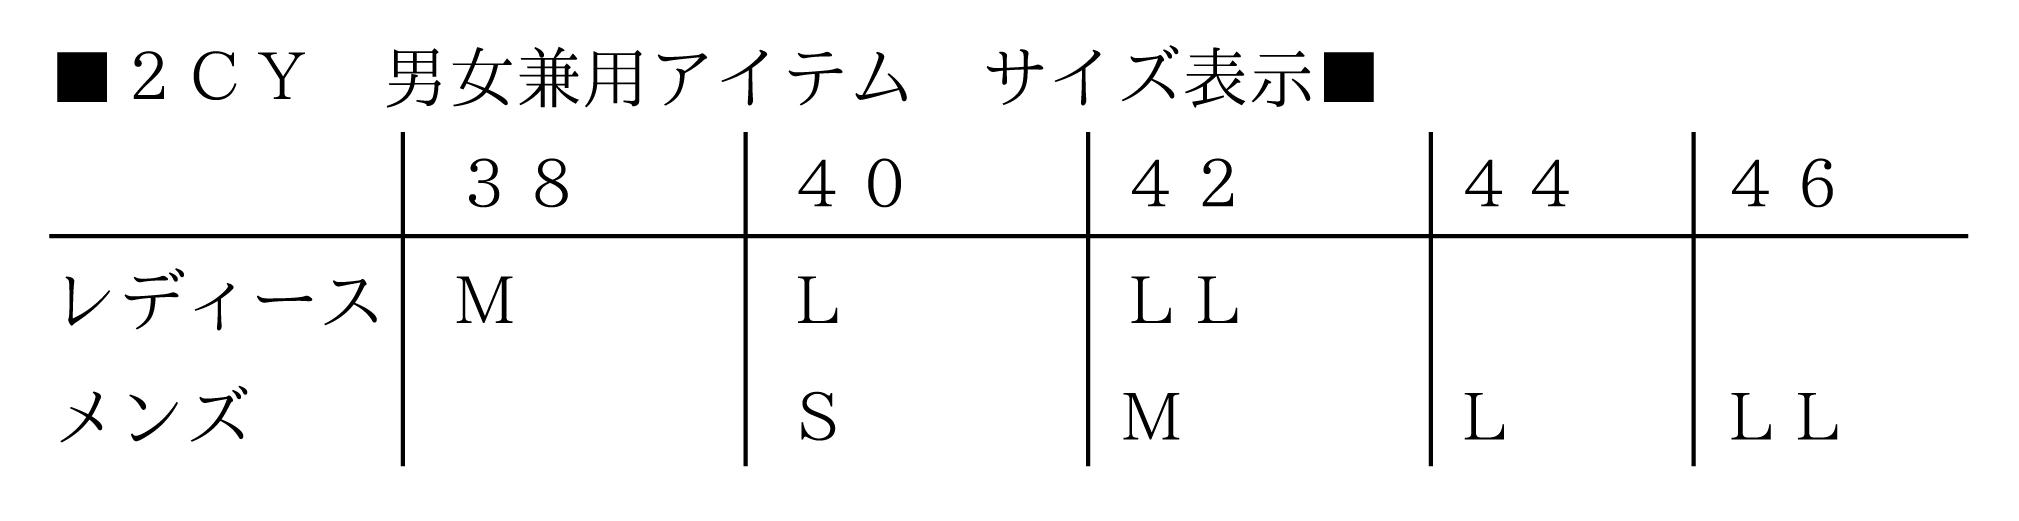 ゴルフプロ監修 レディース柄プリントスカート【日本製】18016